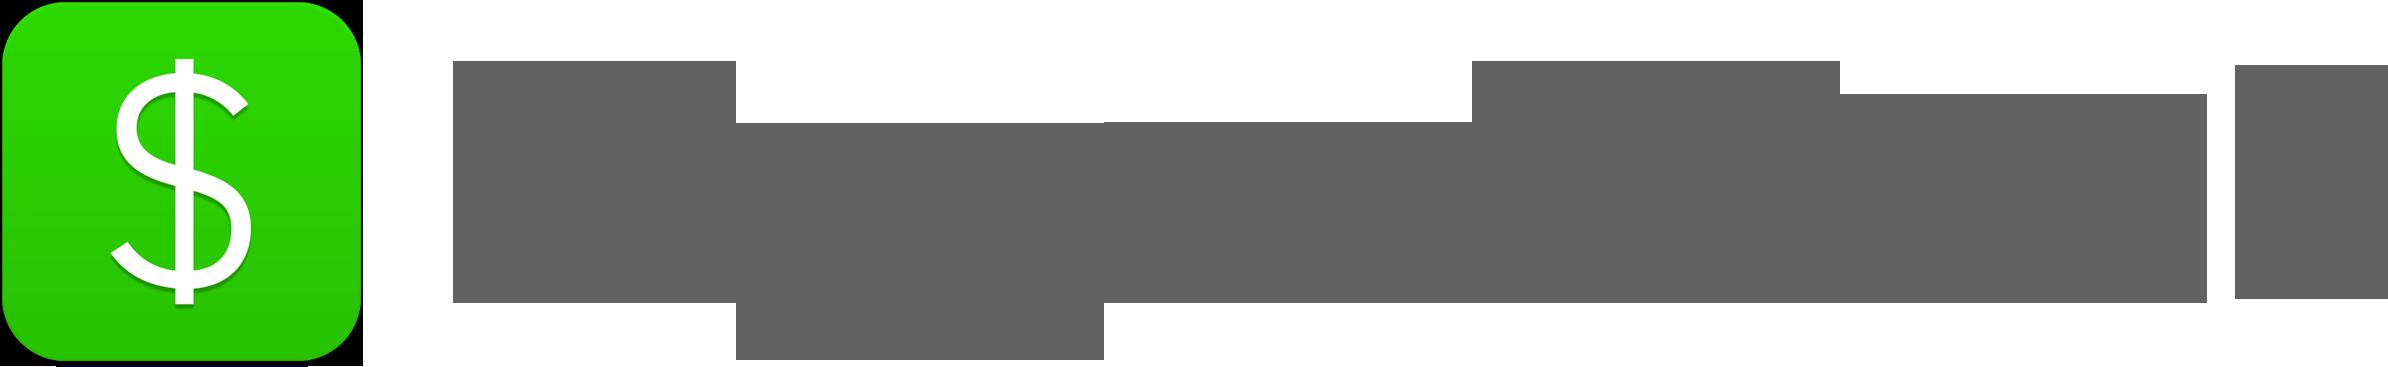 Square cash Logos